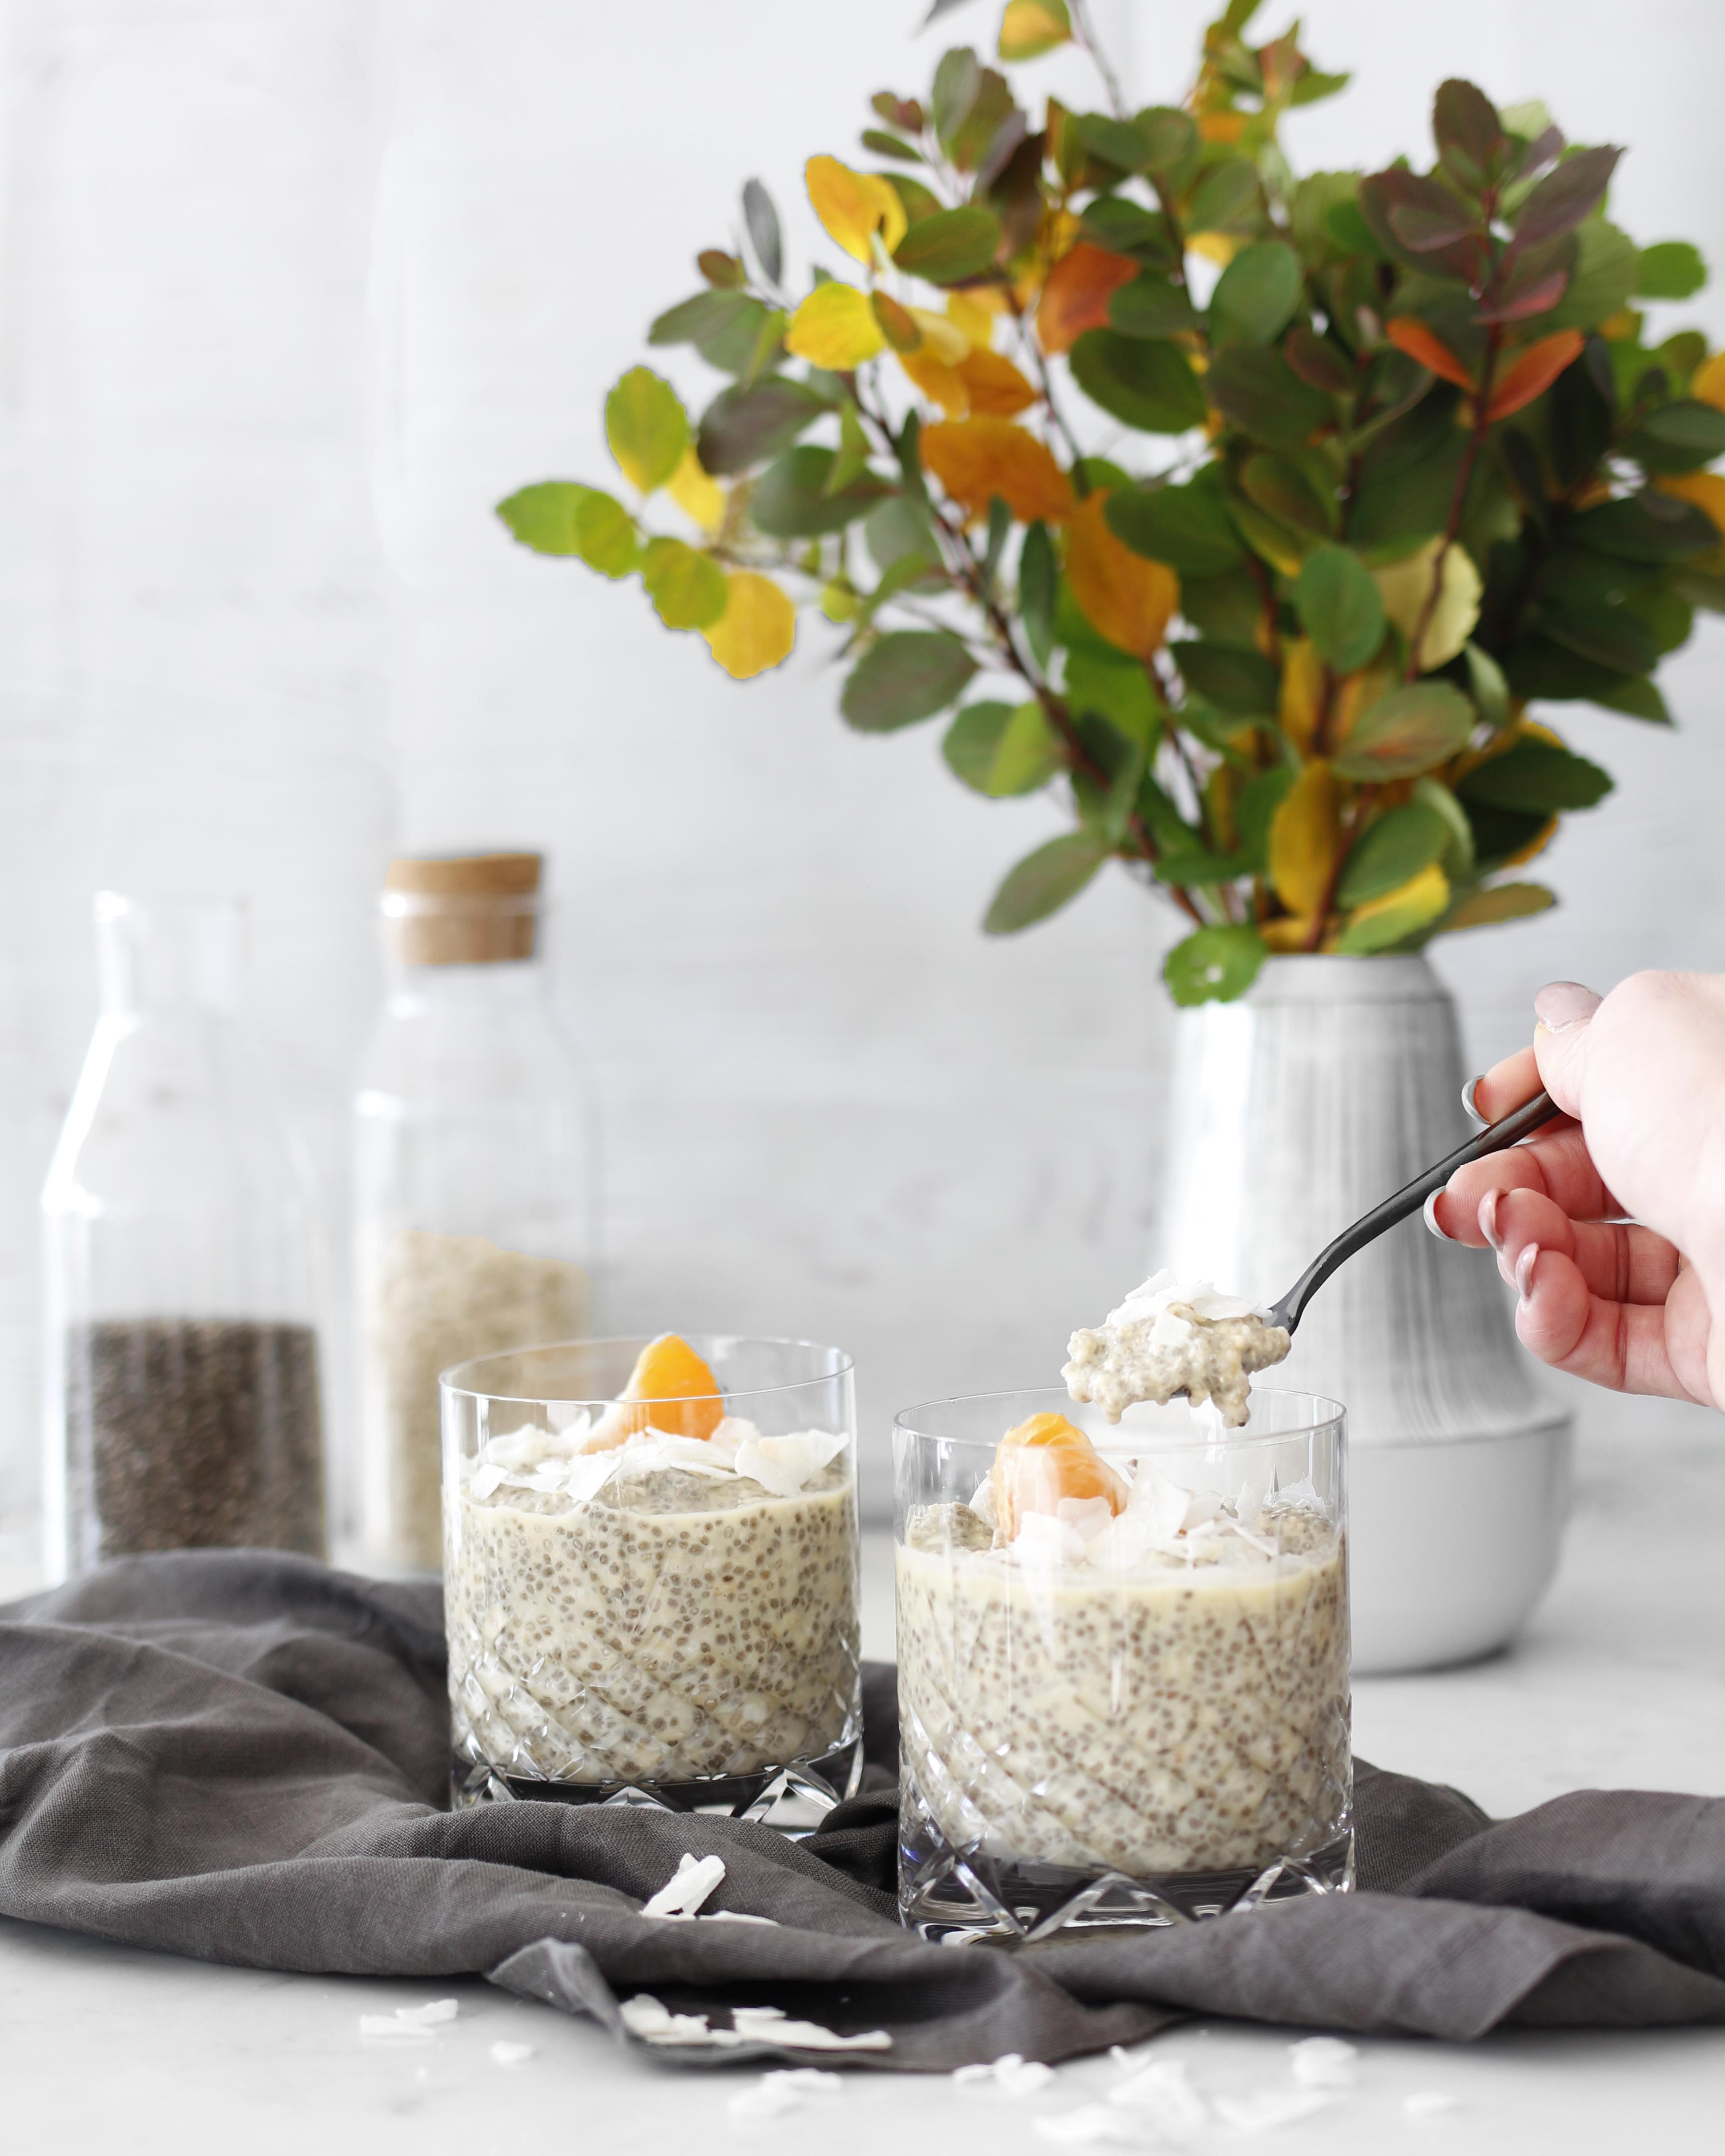 holler morgunmatur, chia grater með höfrum, kókos, banana og appelsínu